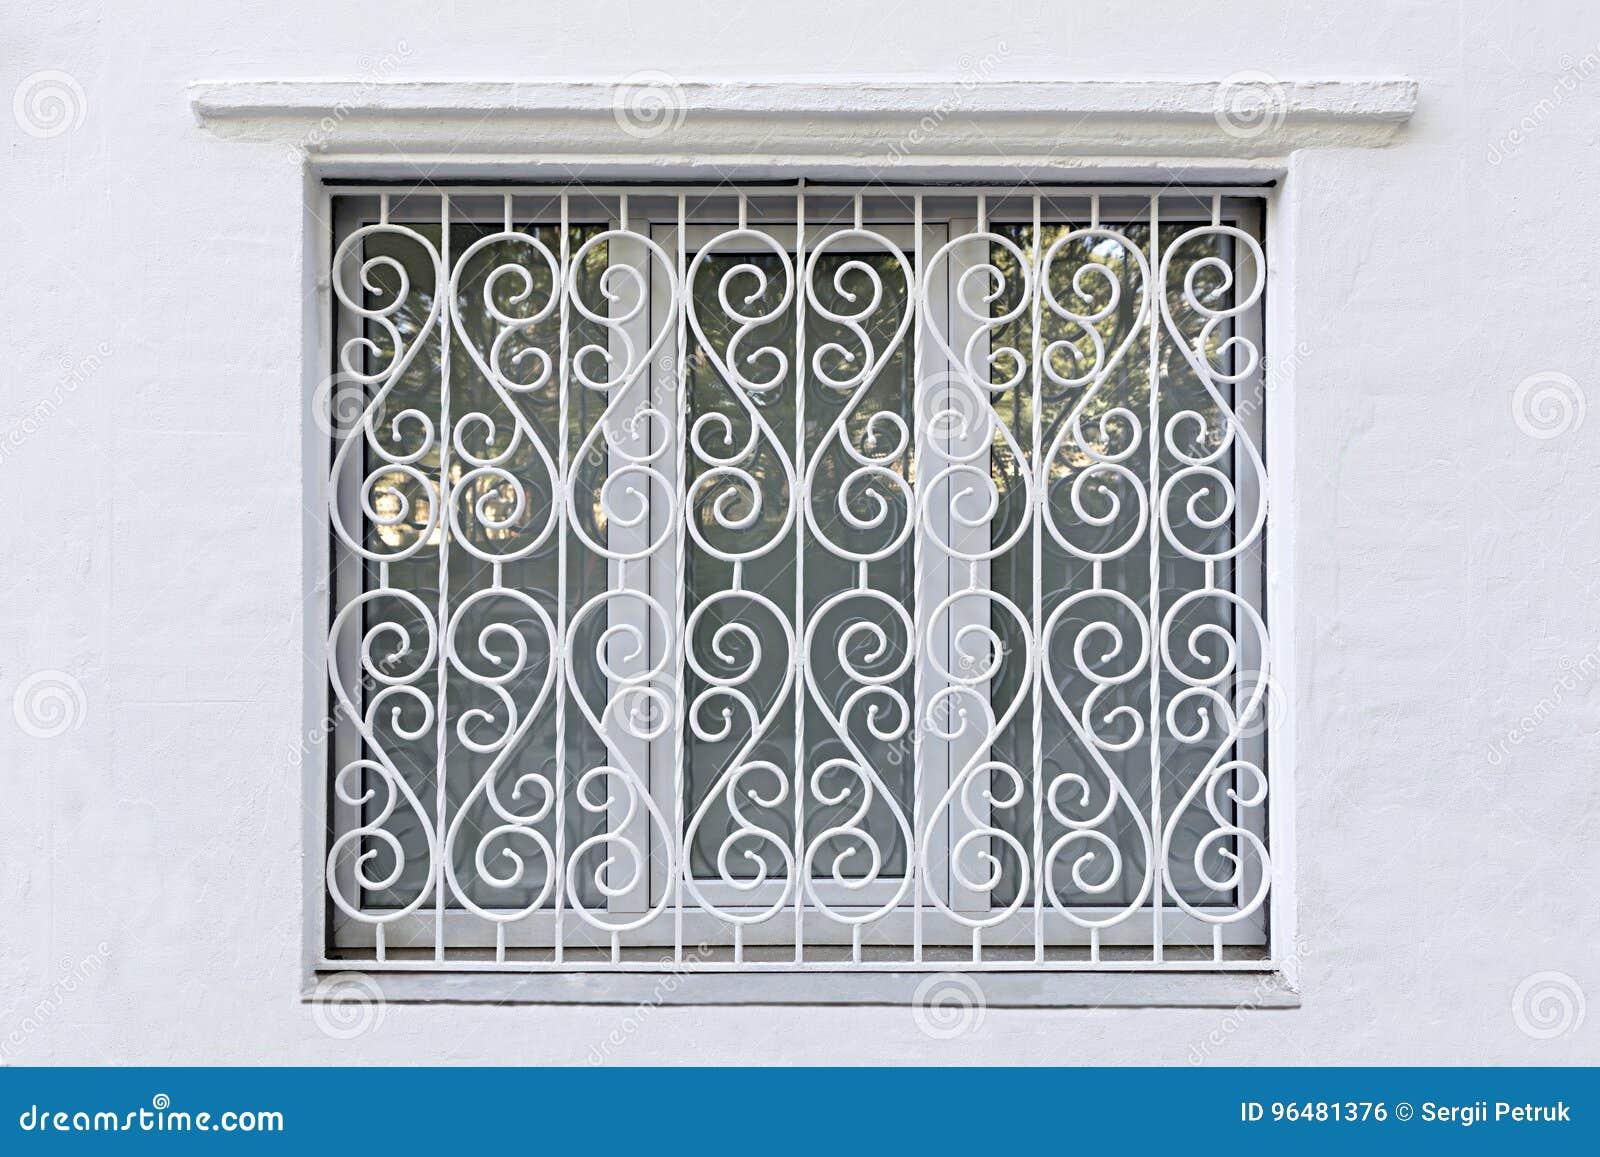 Le Cadre Figure De La Fenêtre Avec Du Fer A Forgé La Grille Blanche